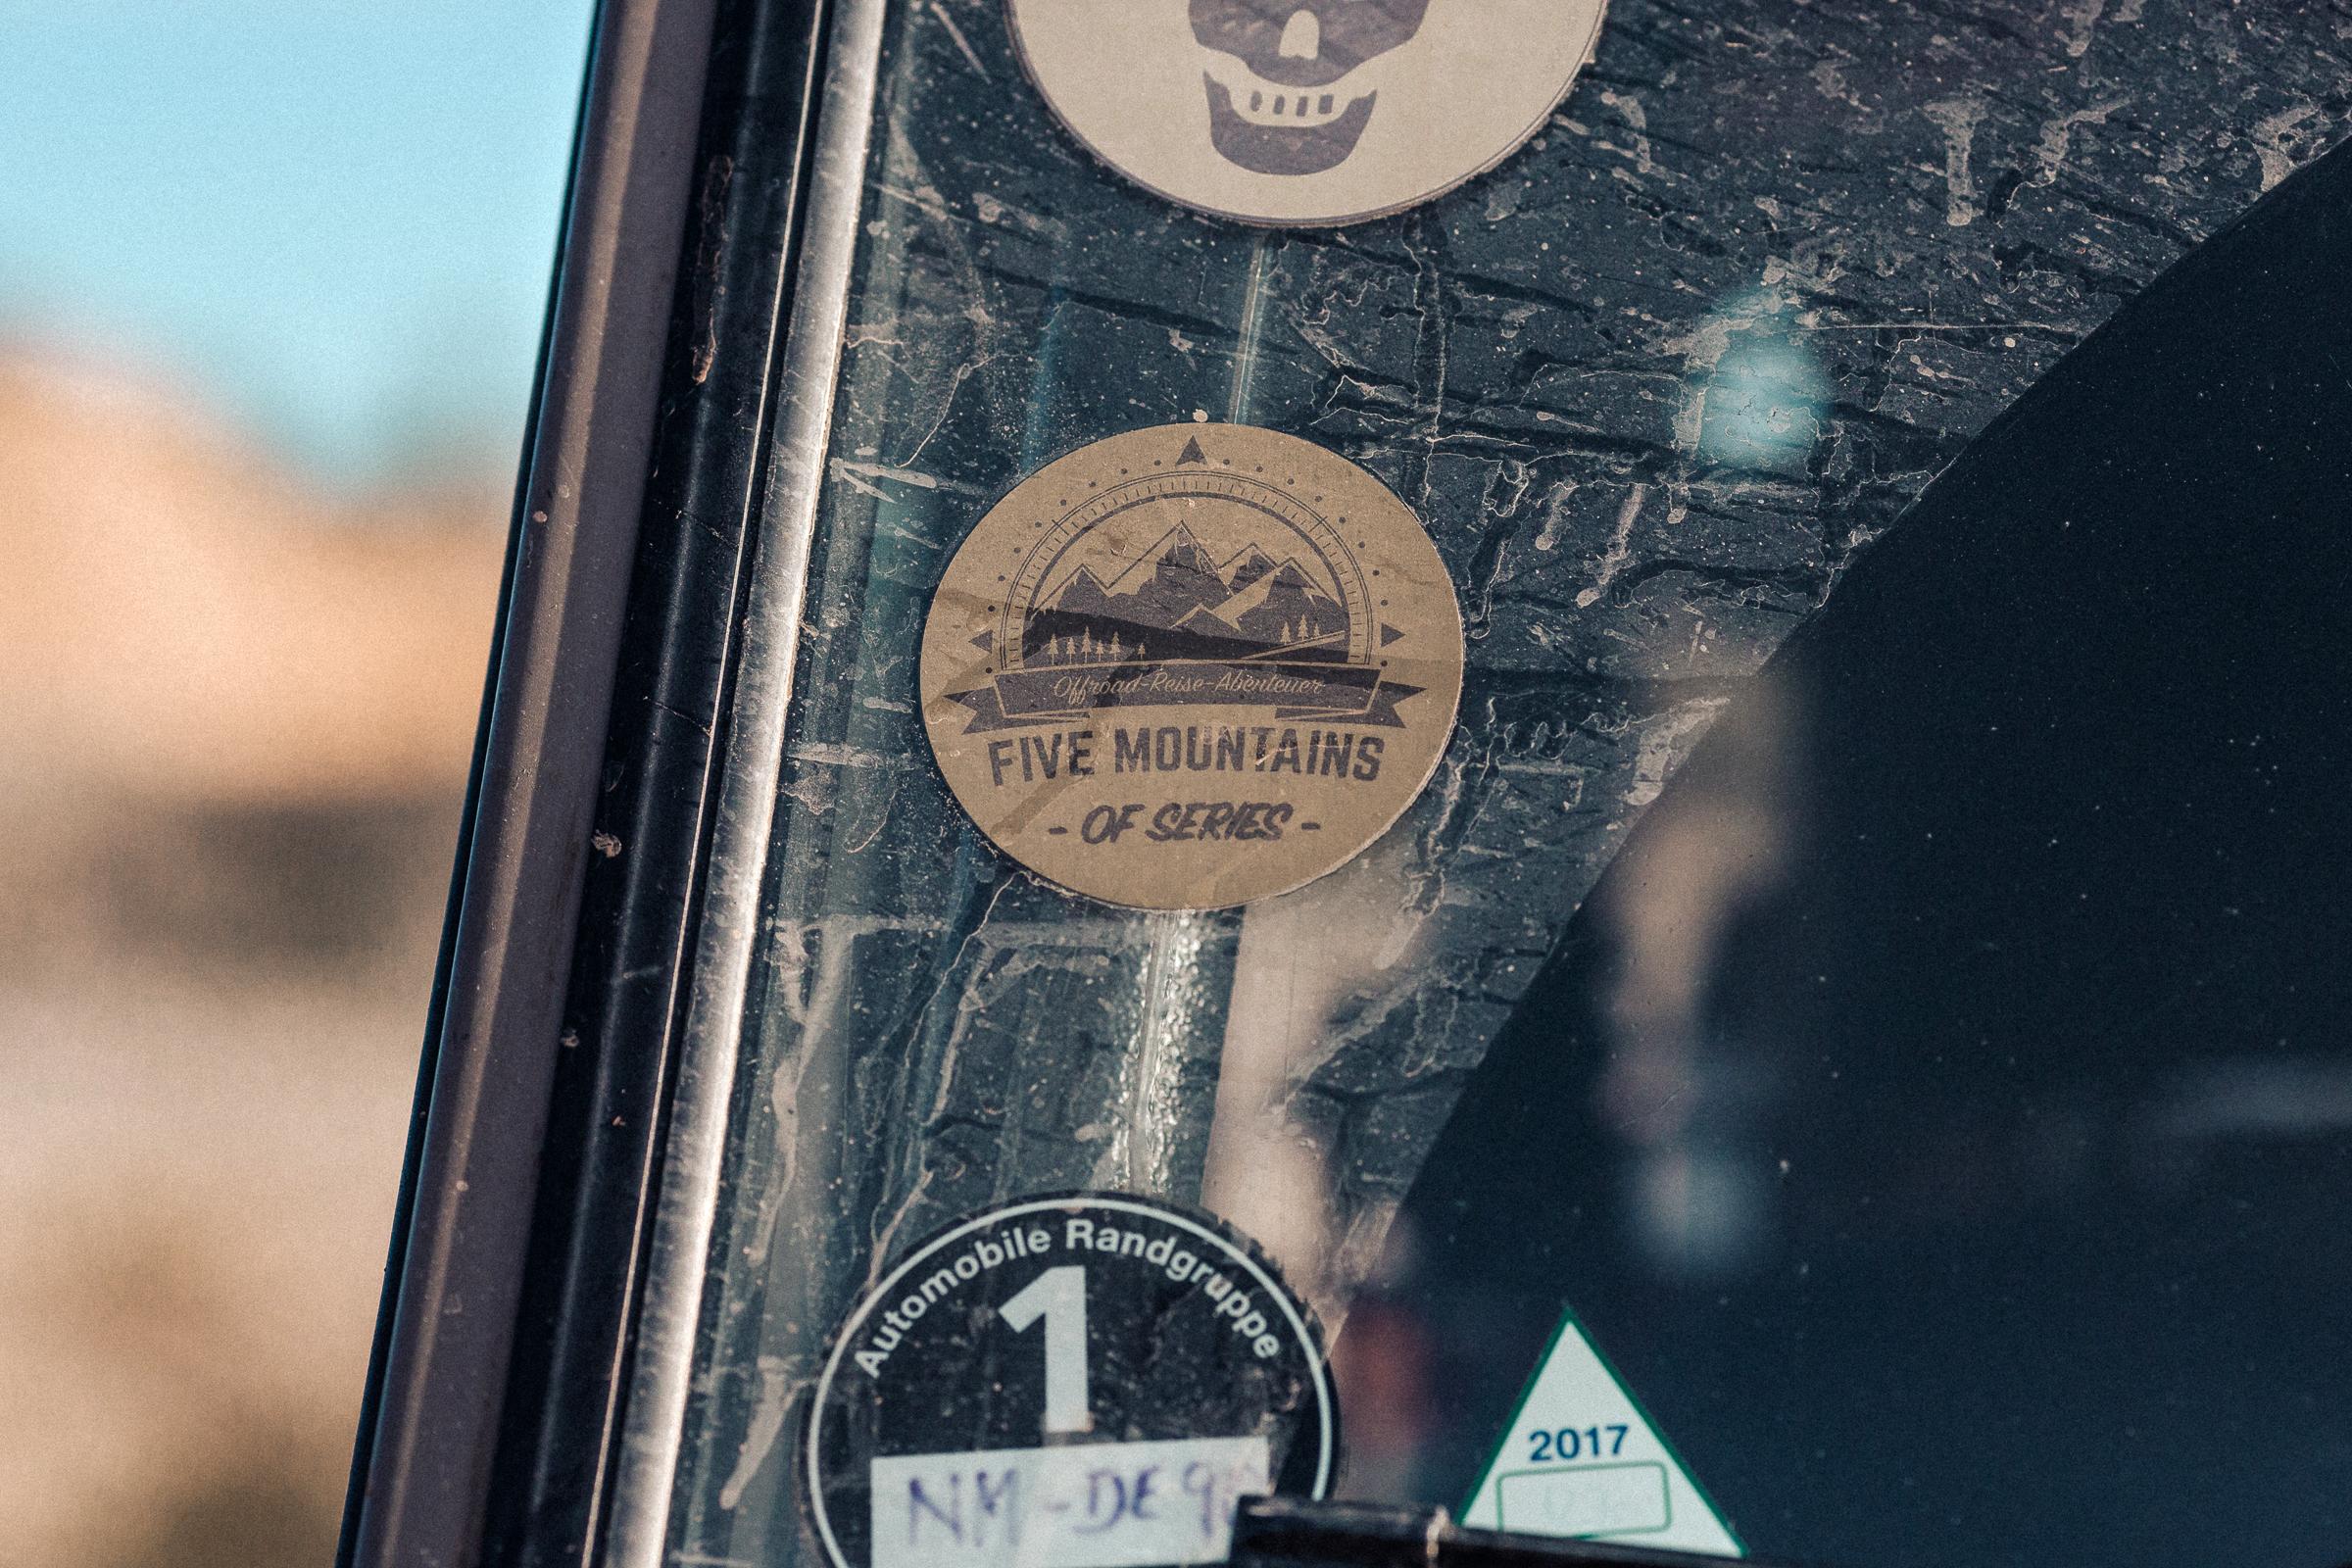 OF-Series Five Mountains Tour 2019 - Die Five Mountains Tour - Wir sind 2020 wieder dabei, ihr auch?